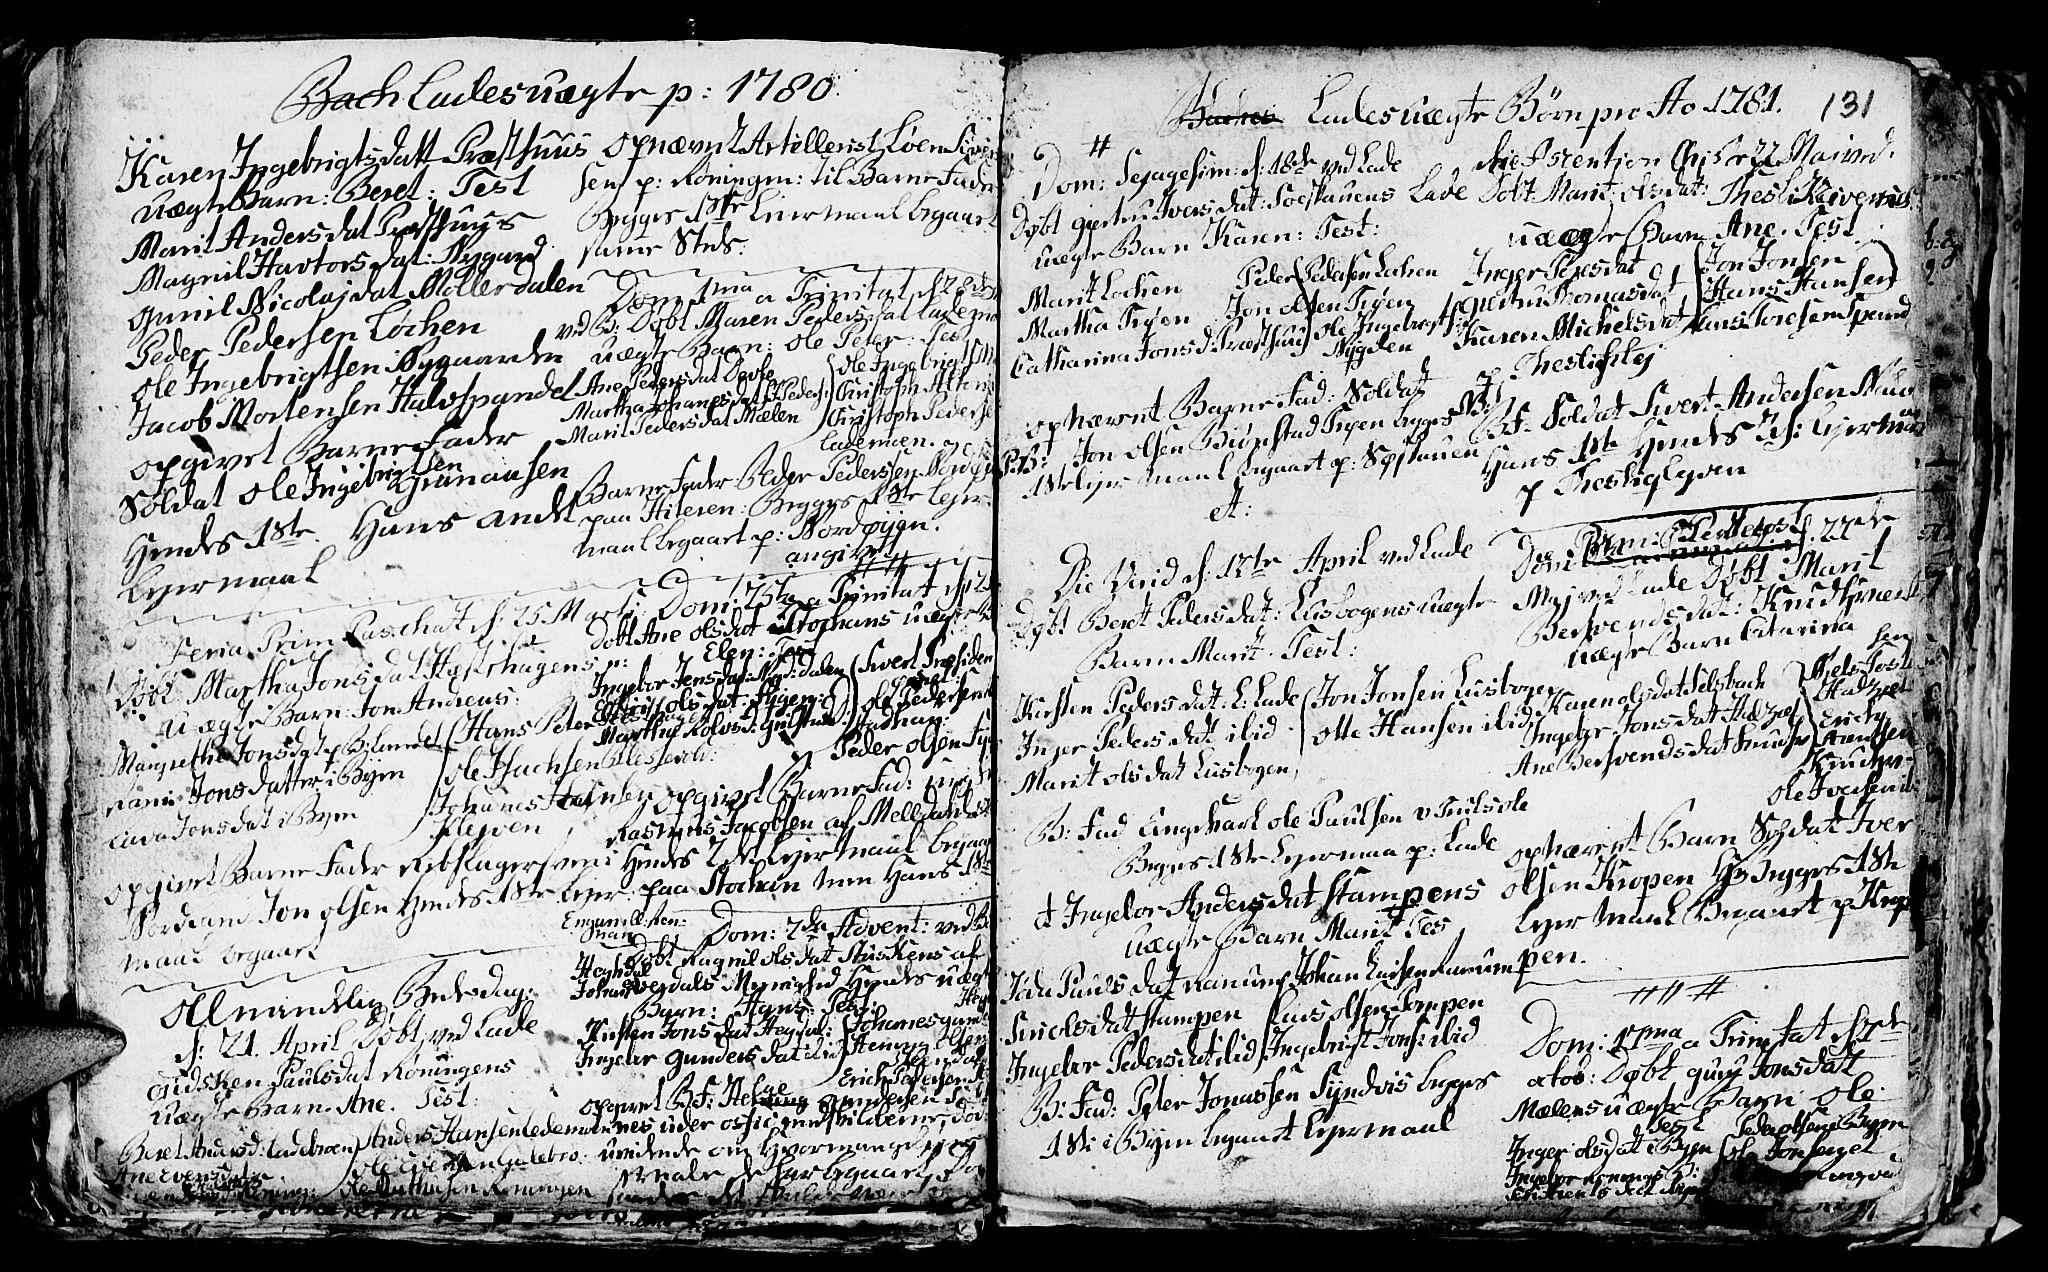 SAT, Ministerialprotokoller, klokkerbøker og fødselsregistre - Sør-Trøndelag, 606/L0305: Klokkerbok nr. 606C01, 1757-1819, s. 131